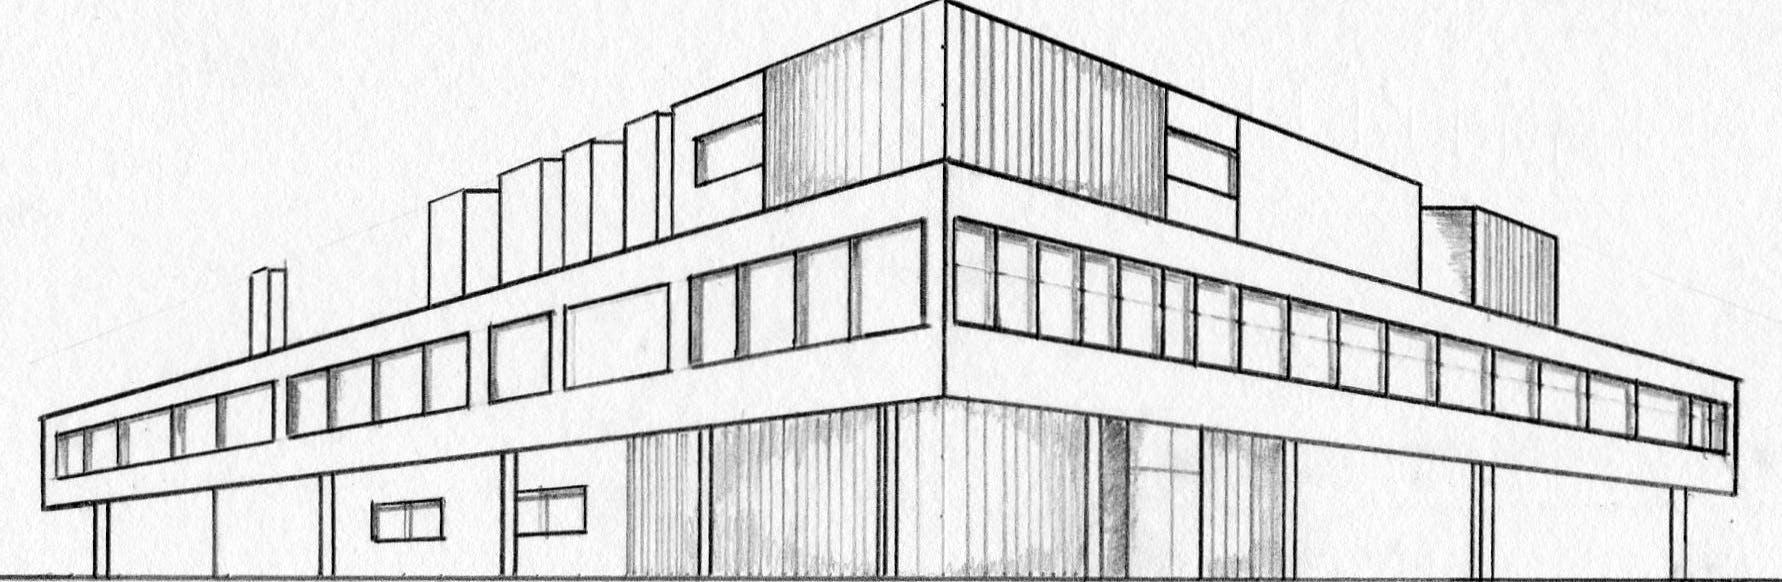 Villa Savoye (Le Corbusier) 1st Year Architecture | Frederico ...